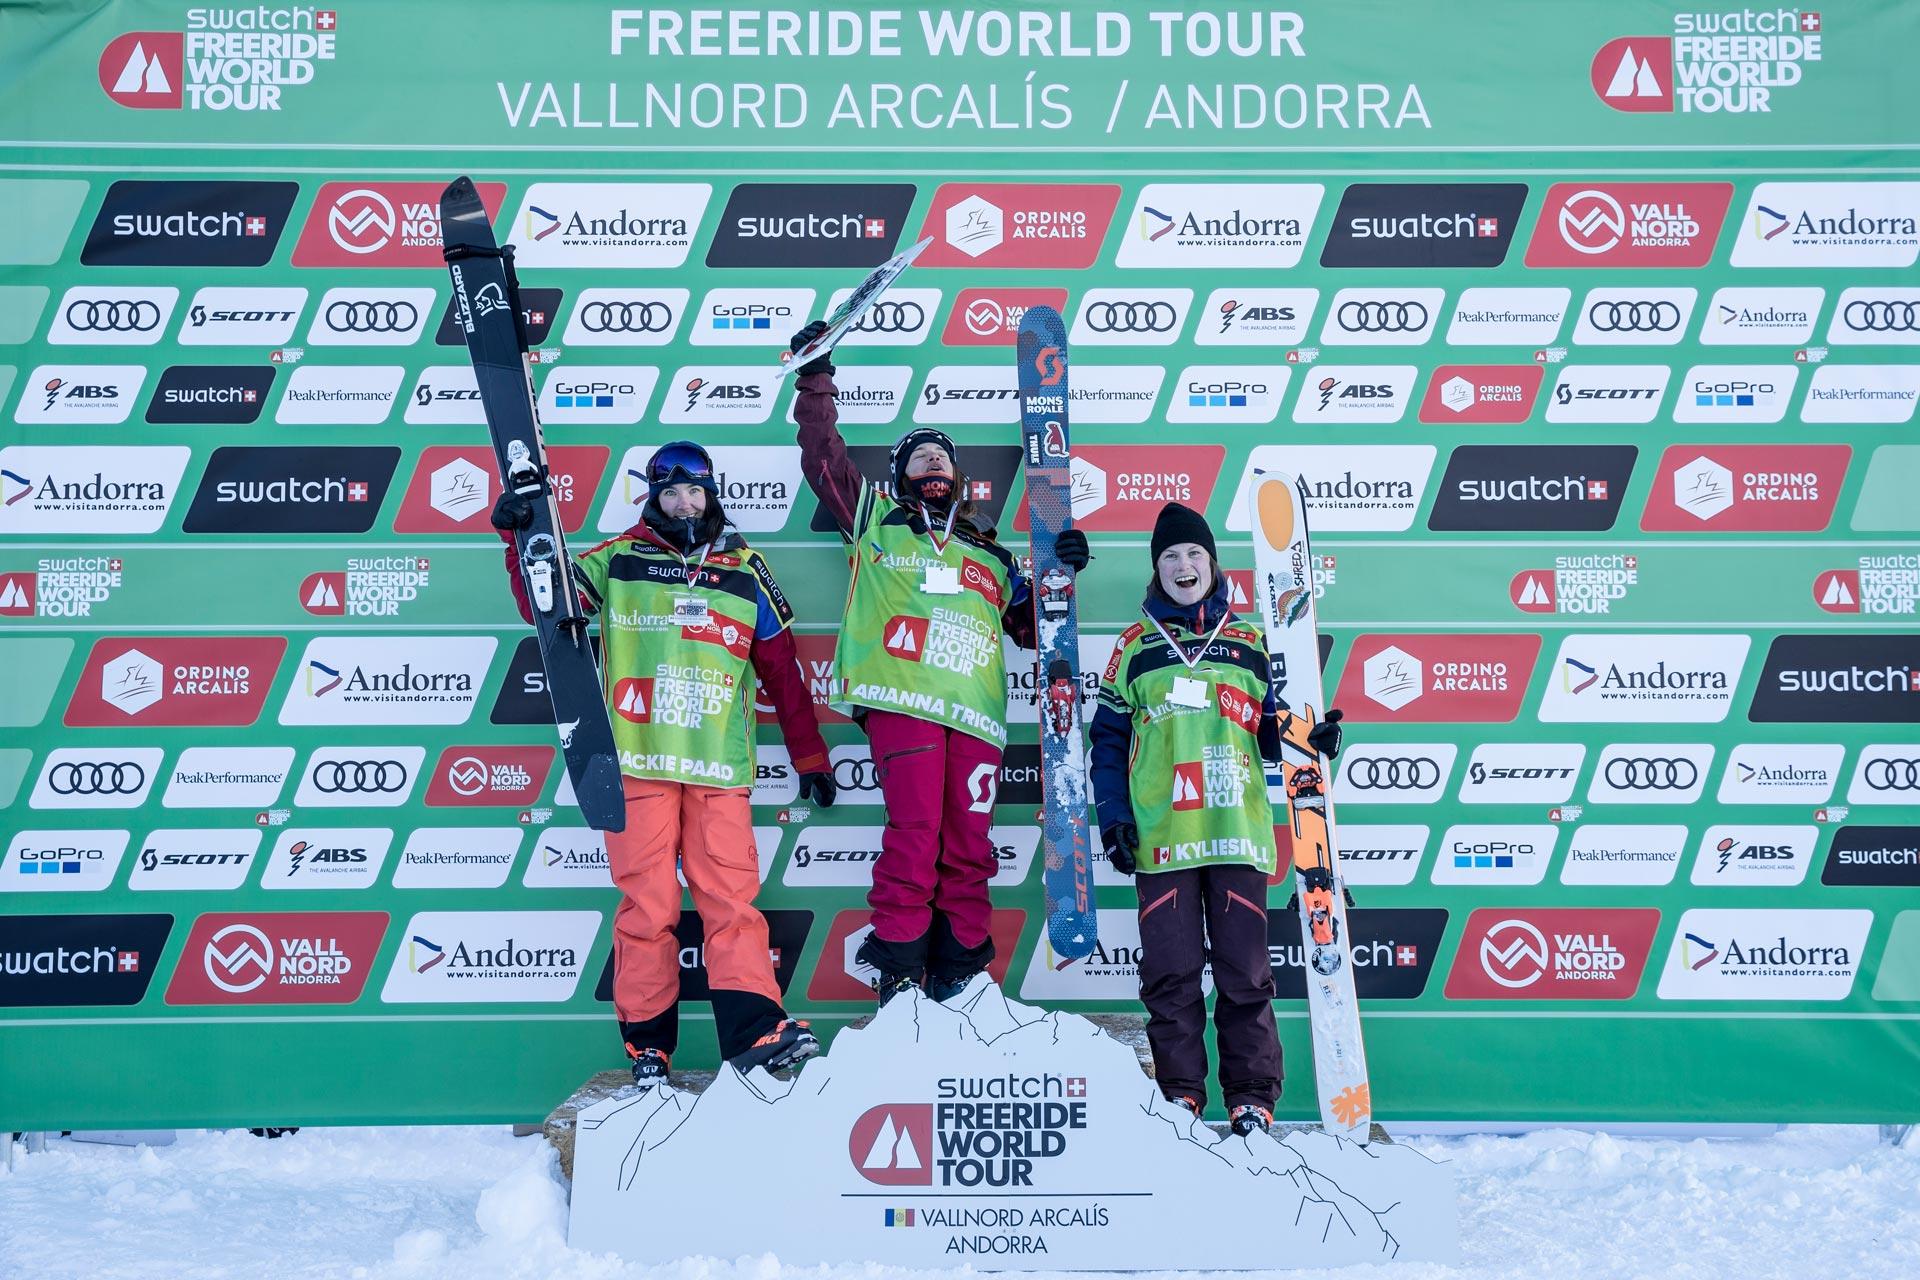 Die Top 3 Frauen beim Freeride World Tour Stopp in Vallnord-Arcalis: Kylie Sivell, Arianna Tricomi und Jaclyn Paaso